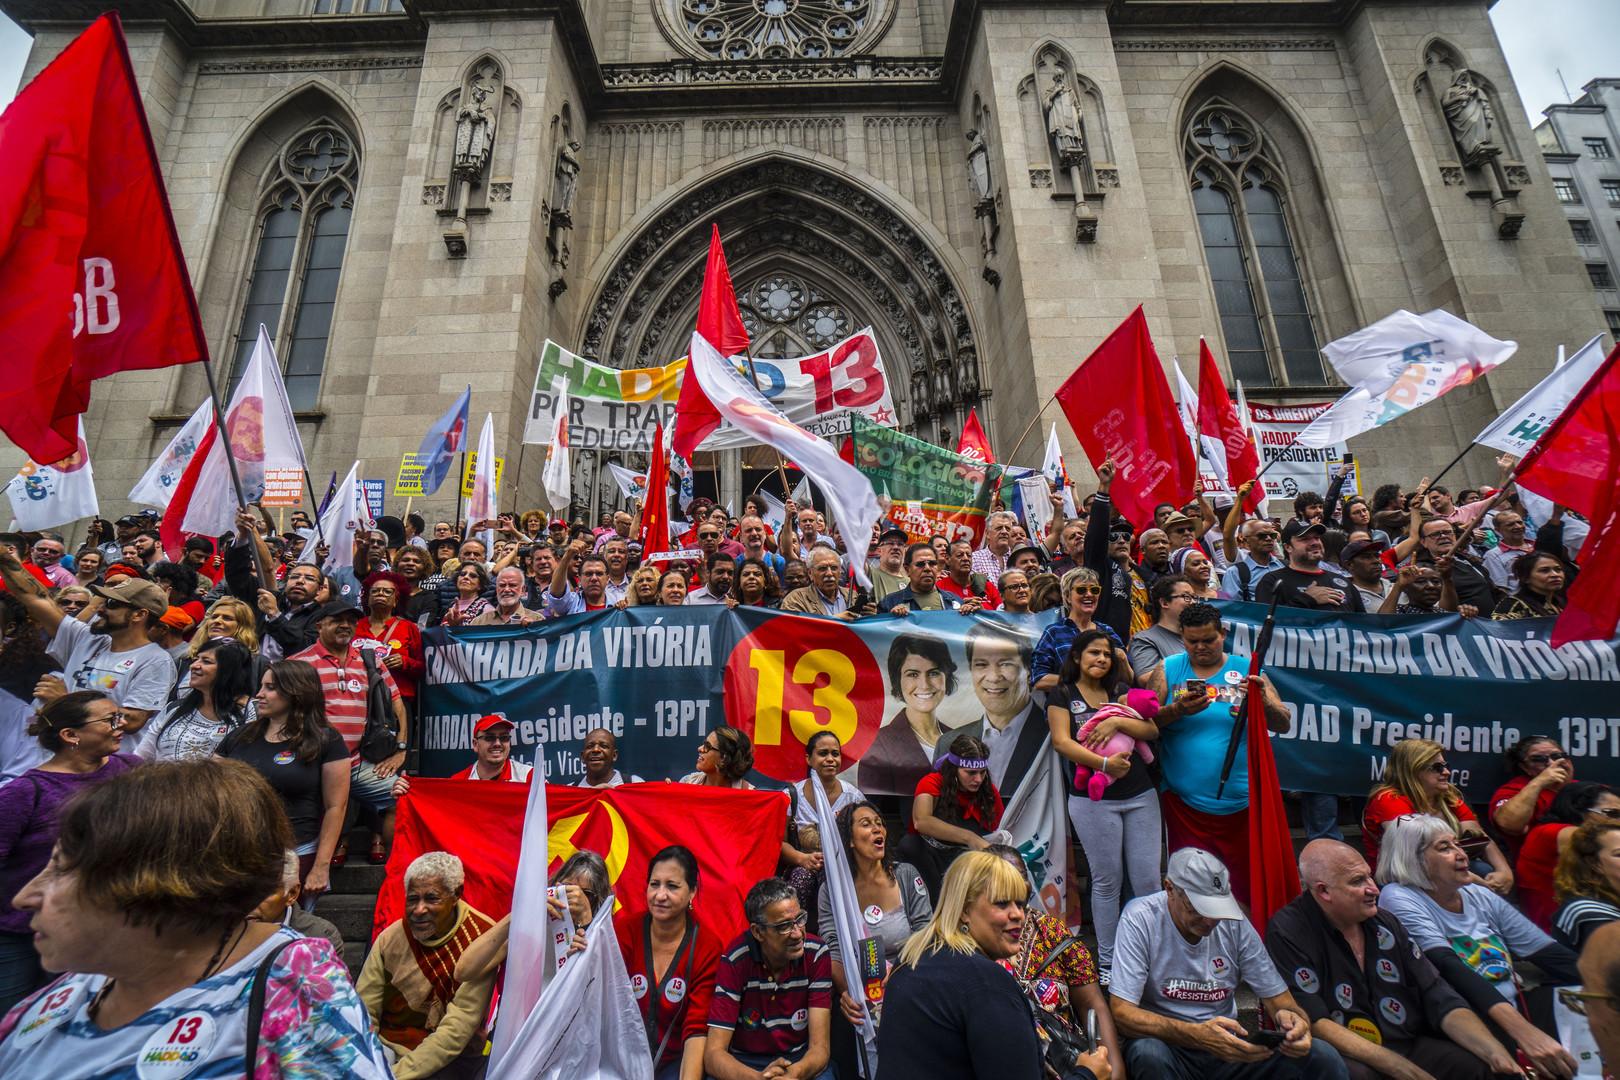 Noch ein Tag bis zu den Stichwahlen in Brasilien – Druck auf Universitäten und Gerichte nimmt zu